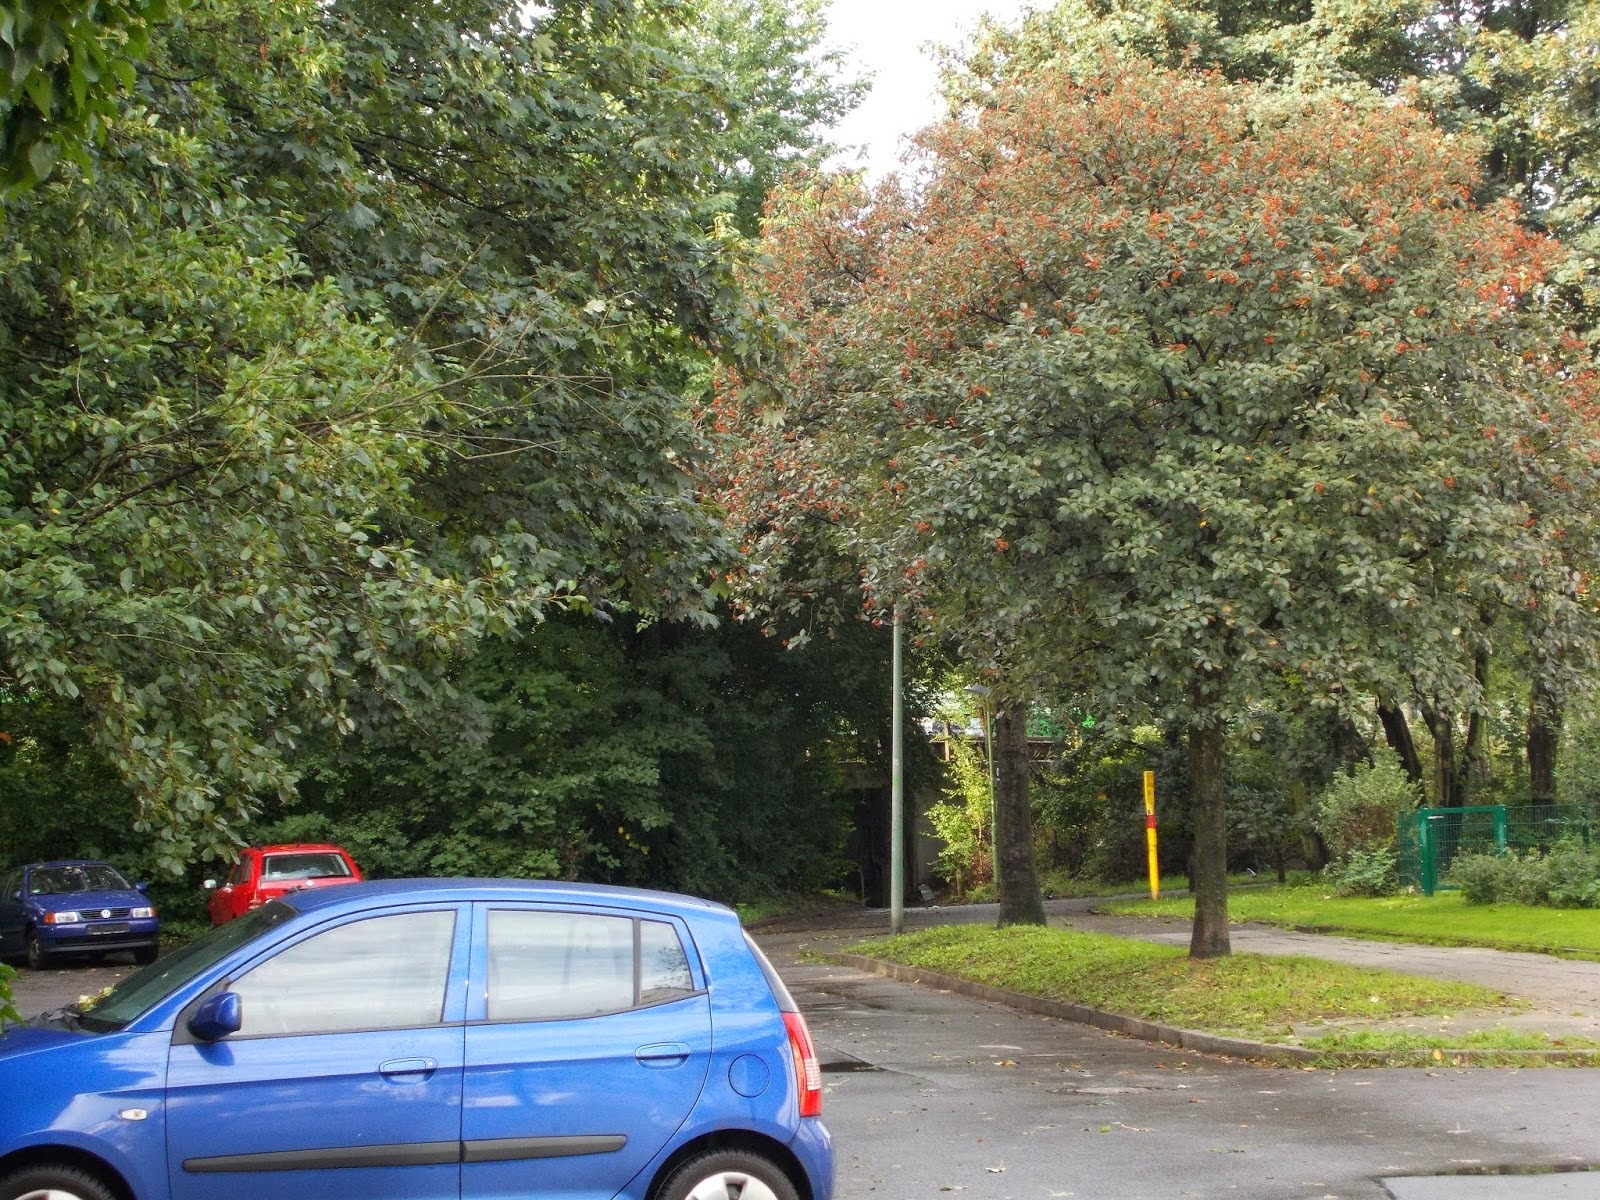 B das Gewerbegebiet Ripshorster Straße den Bahnhof Dellwig Pfarrkirche St Michael Esso Tankstelle auf der Haus Horl Straße Ecke Langhölterweg